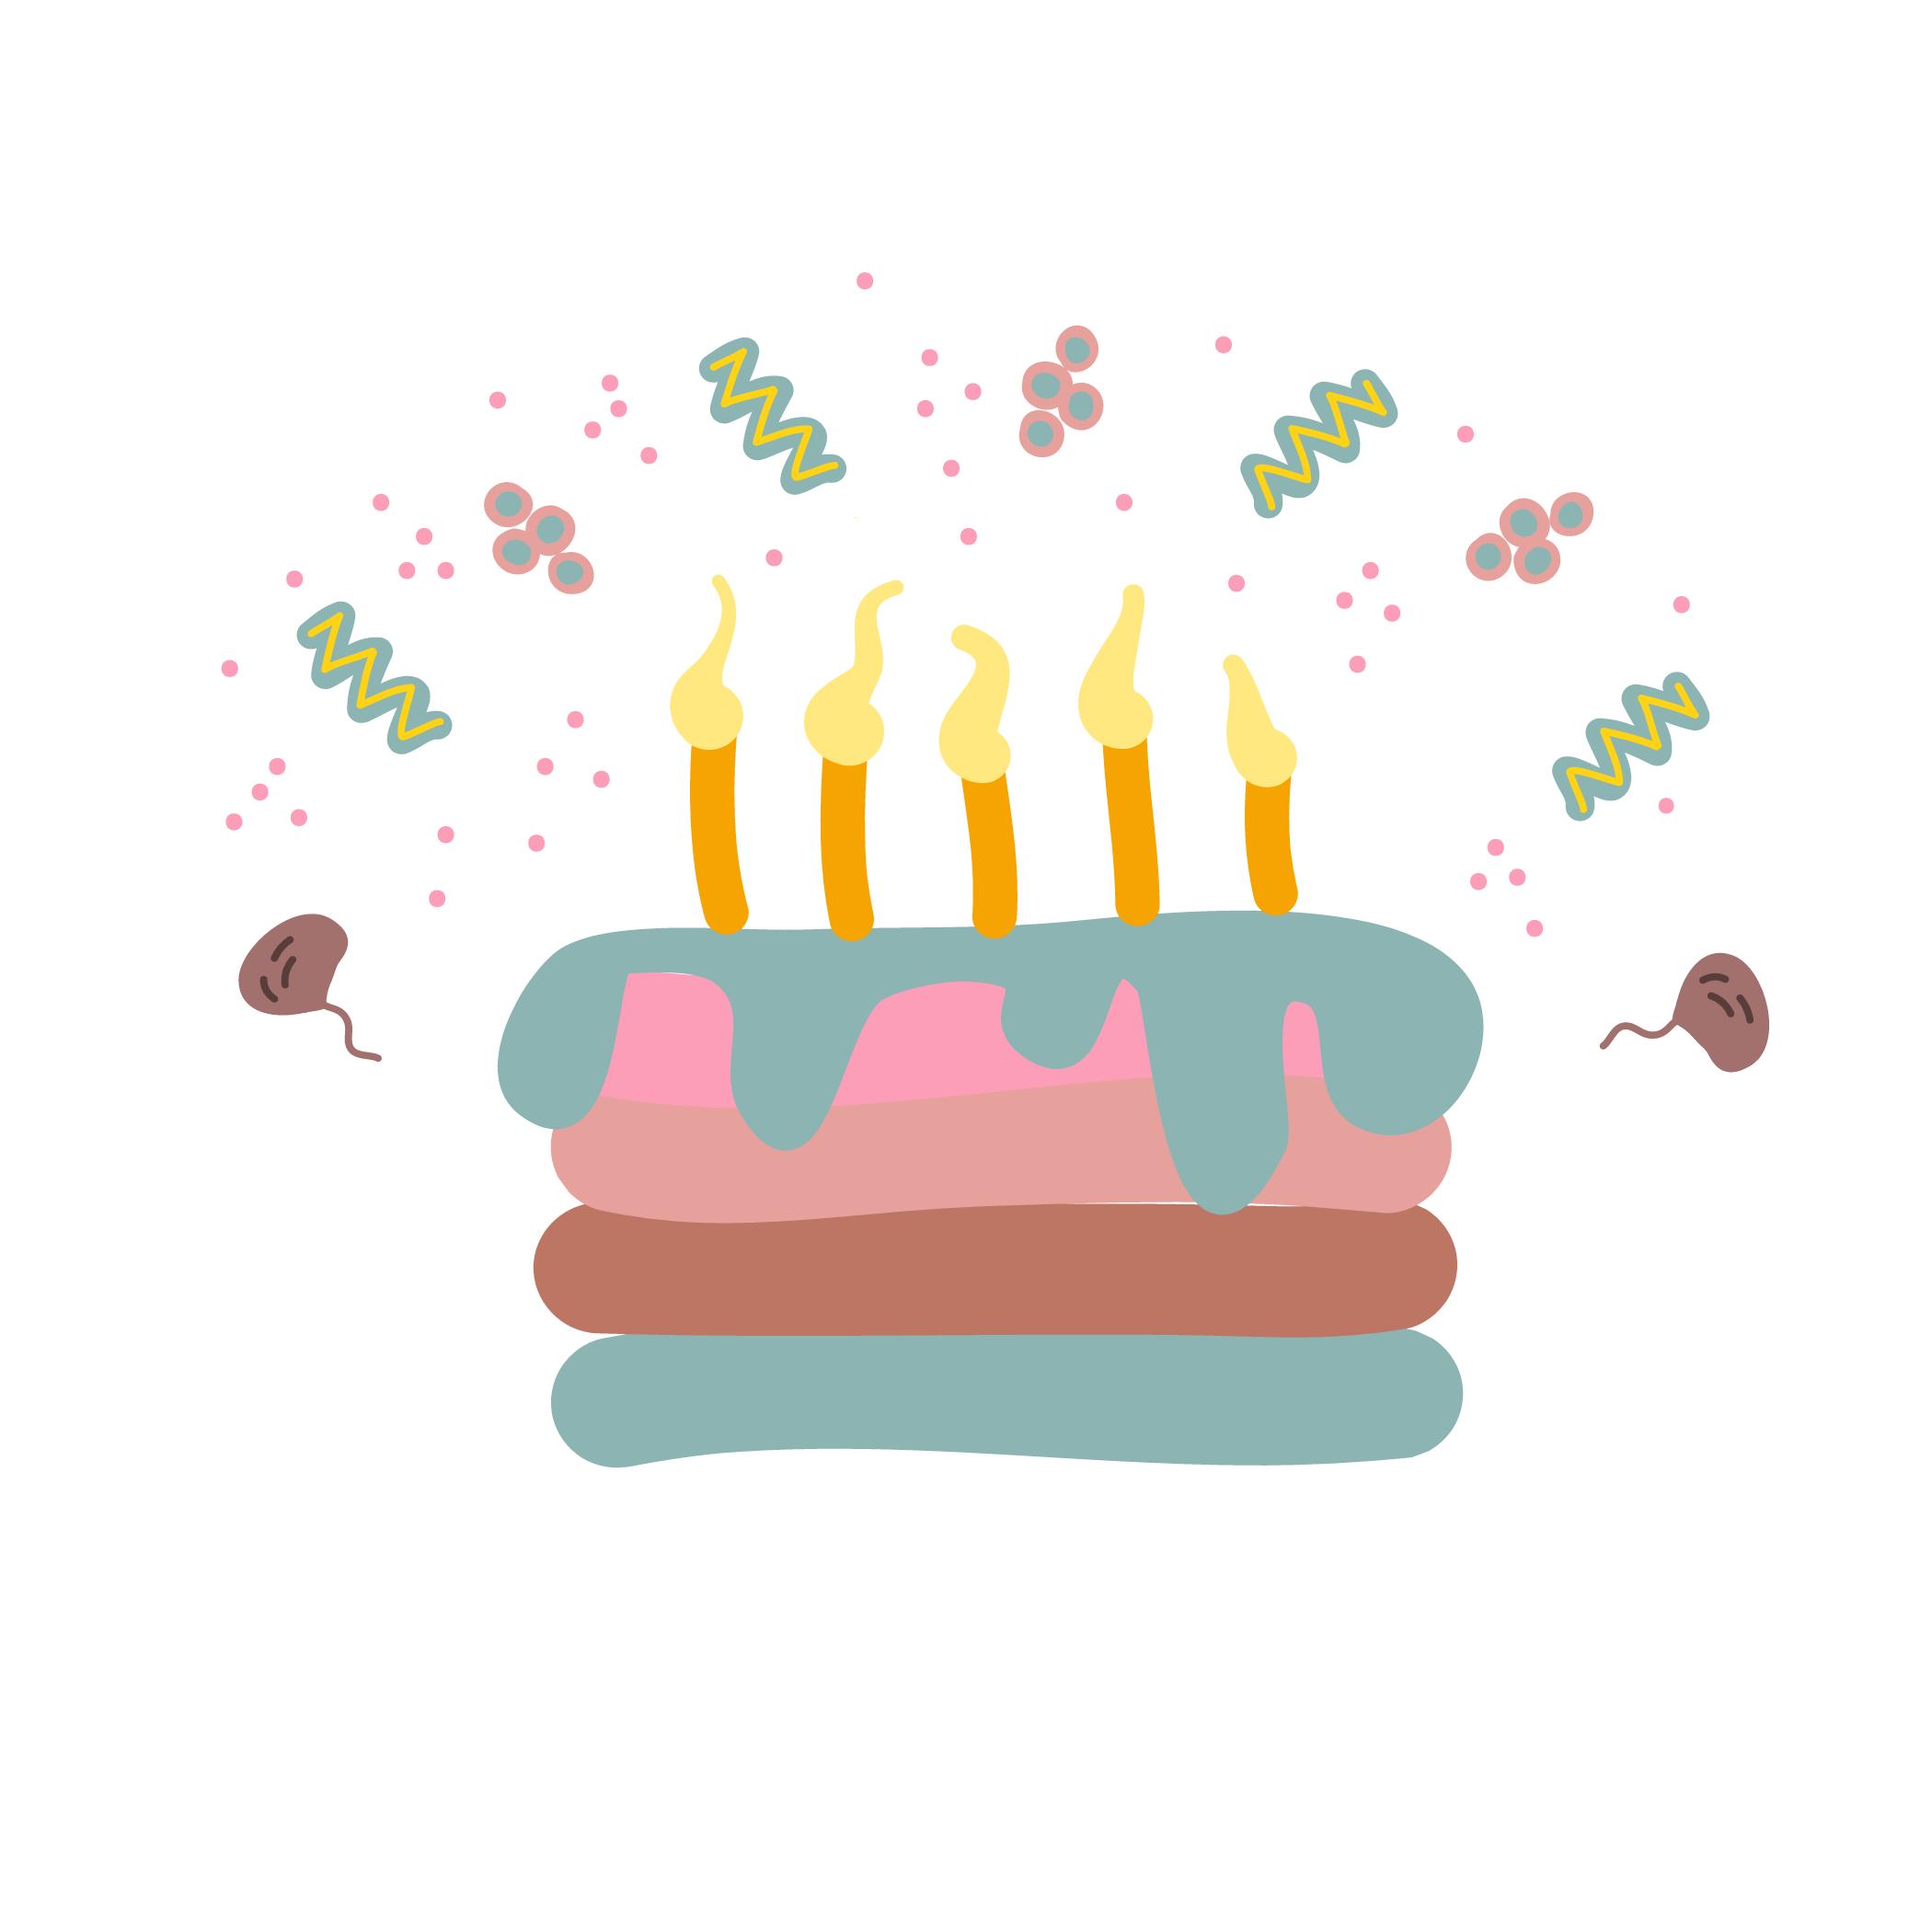 「ふ~」と炎を消すのは誕生日の特権